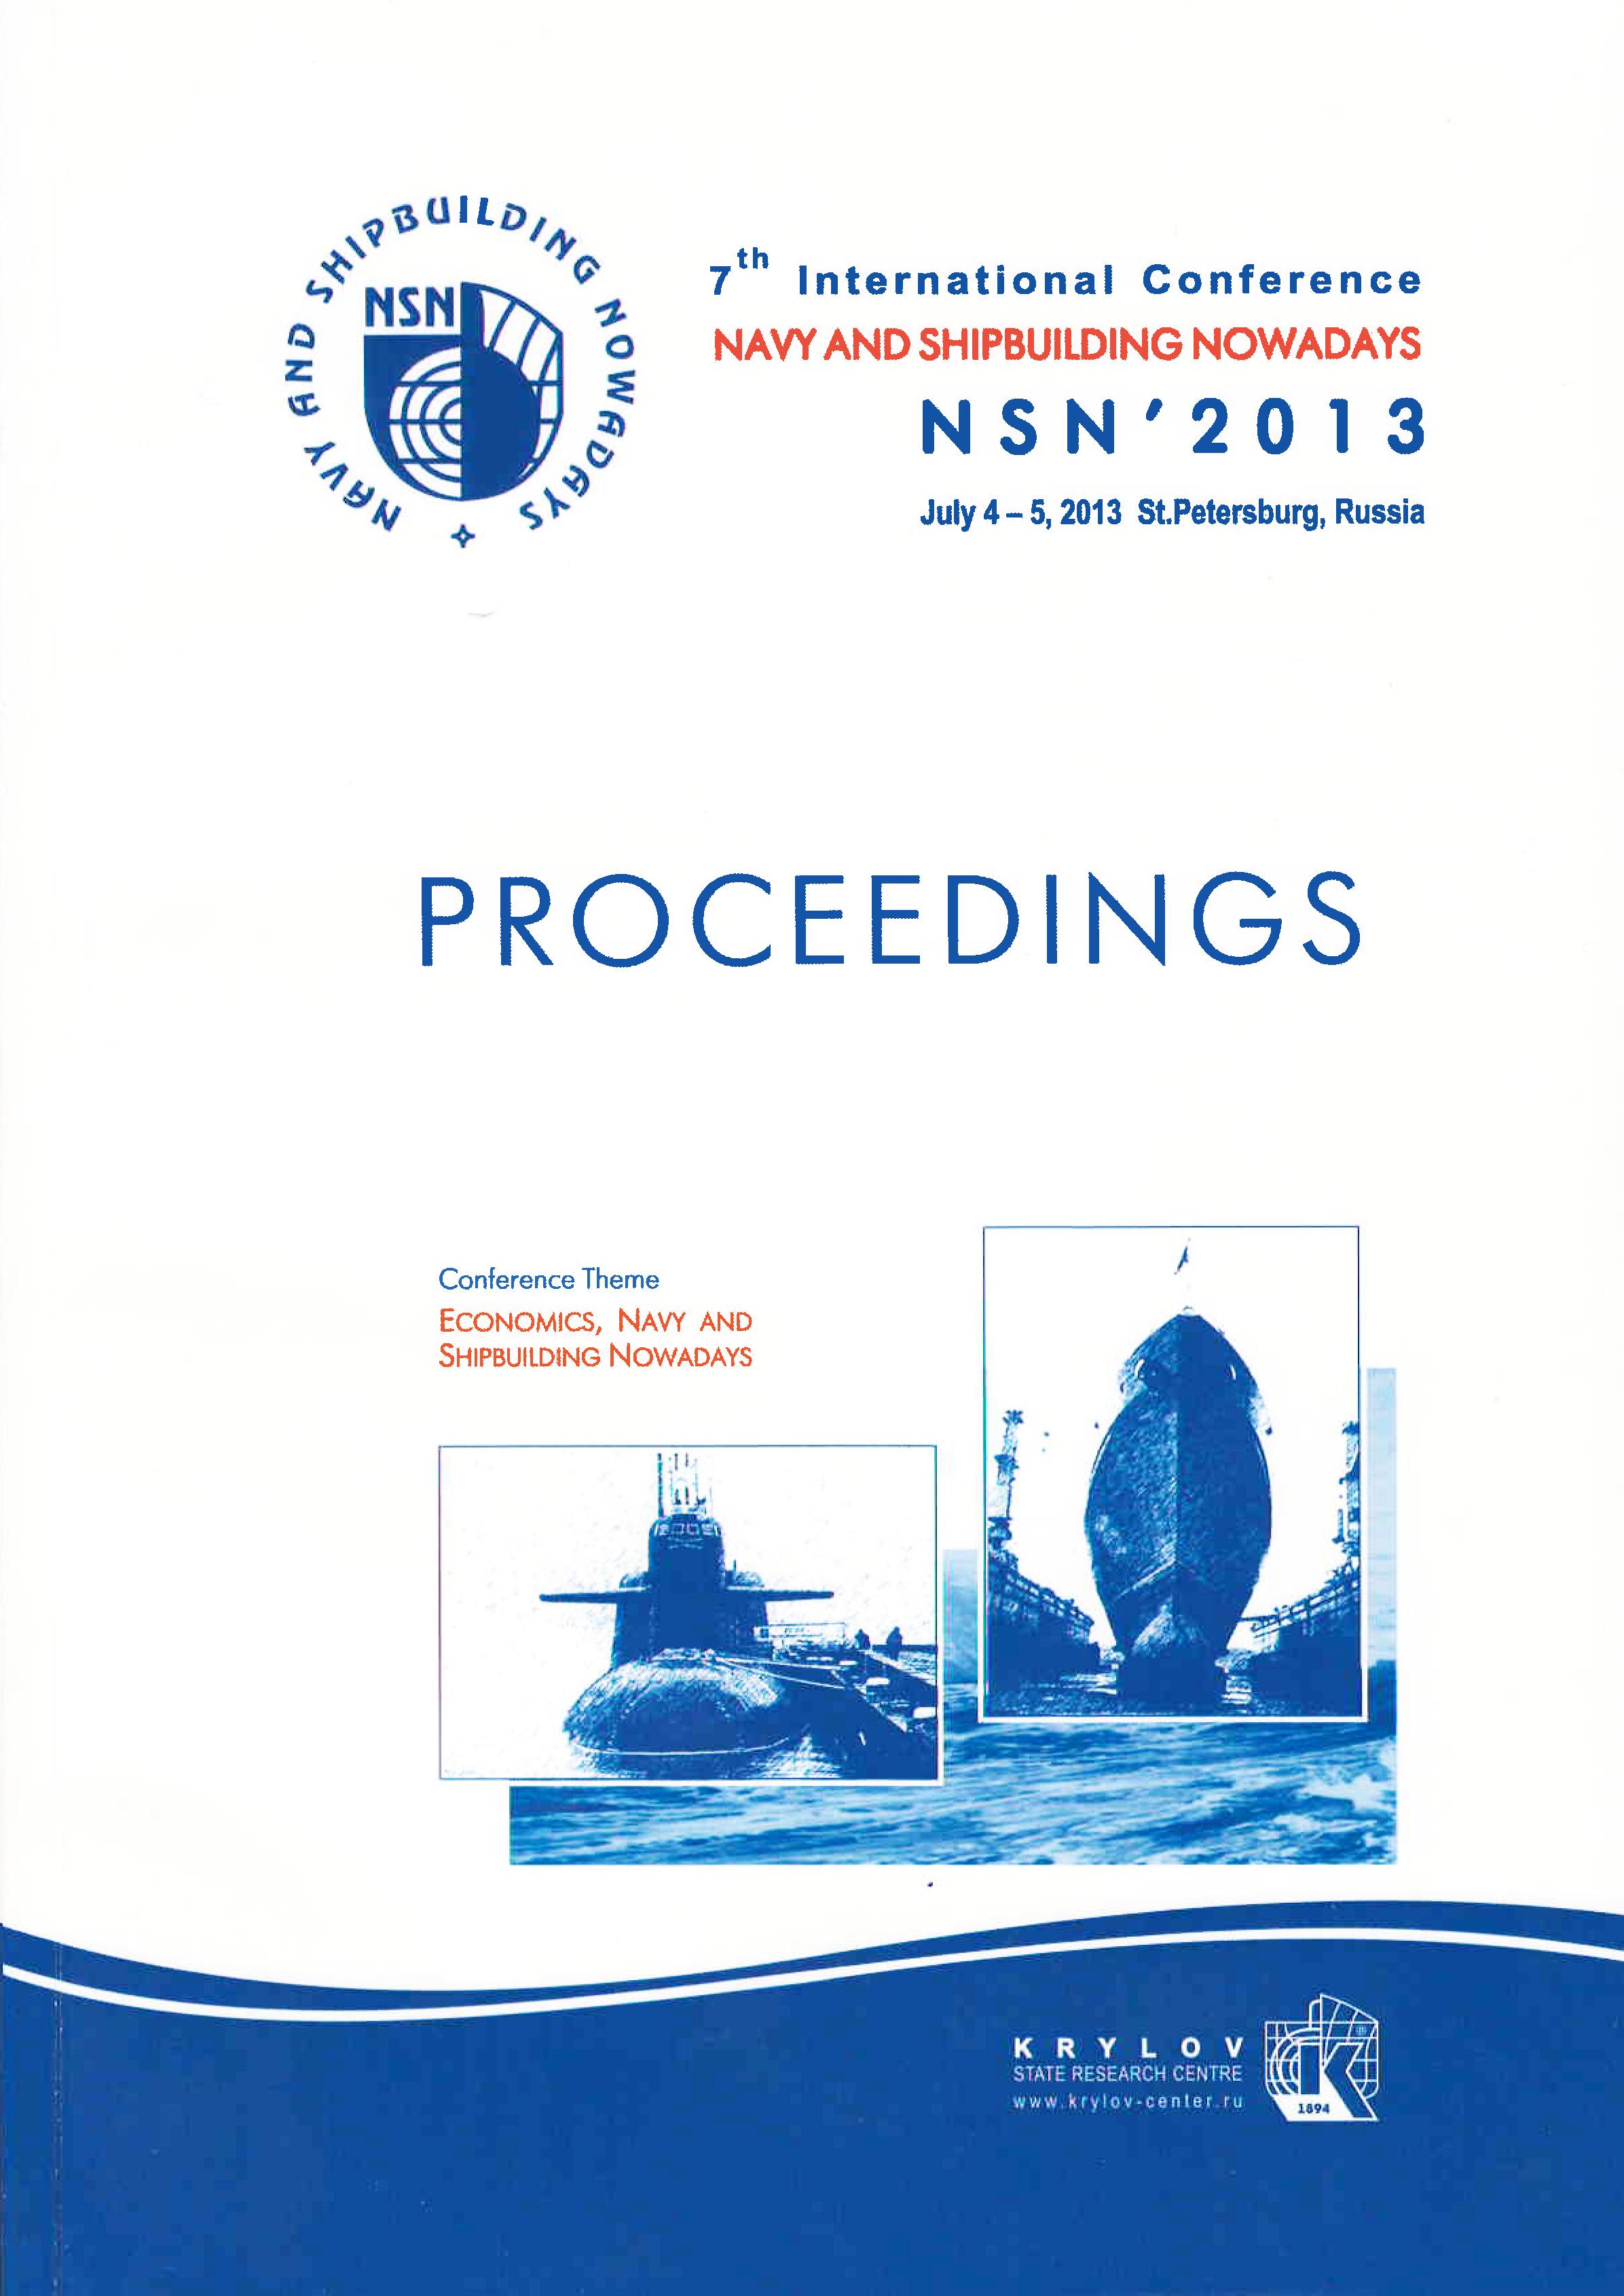 NSN' 2013